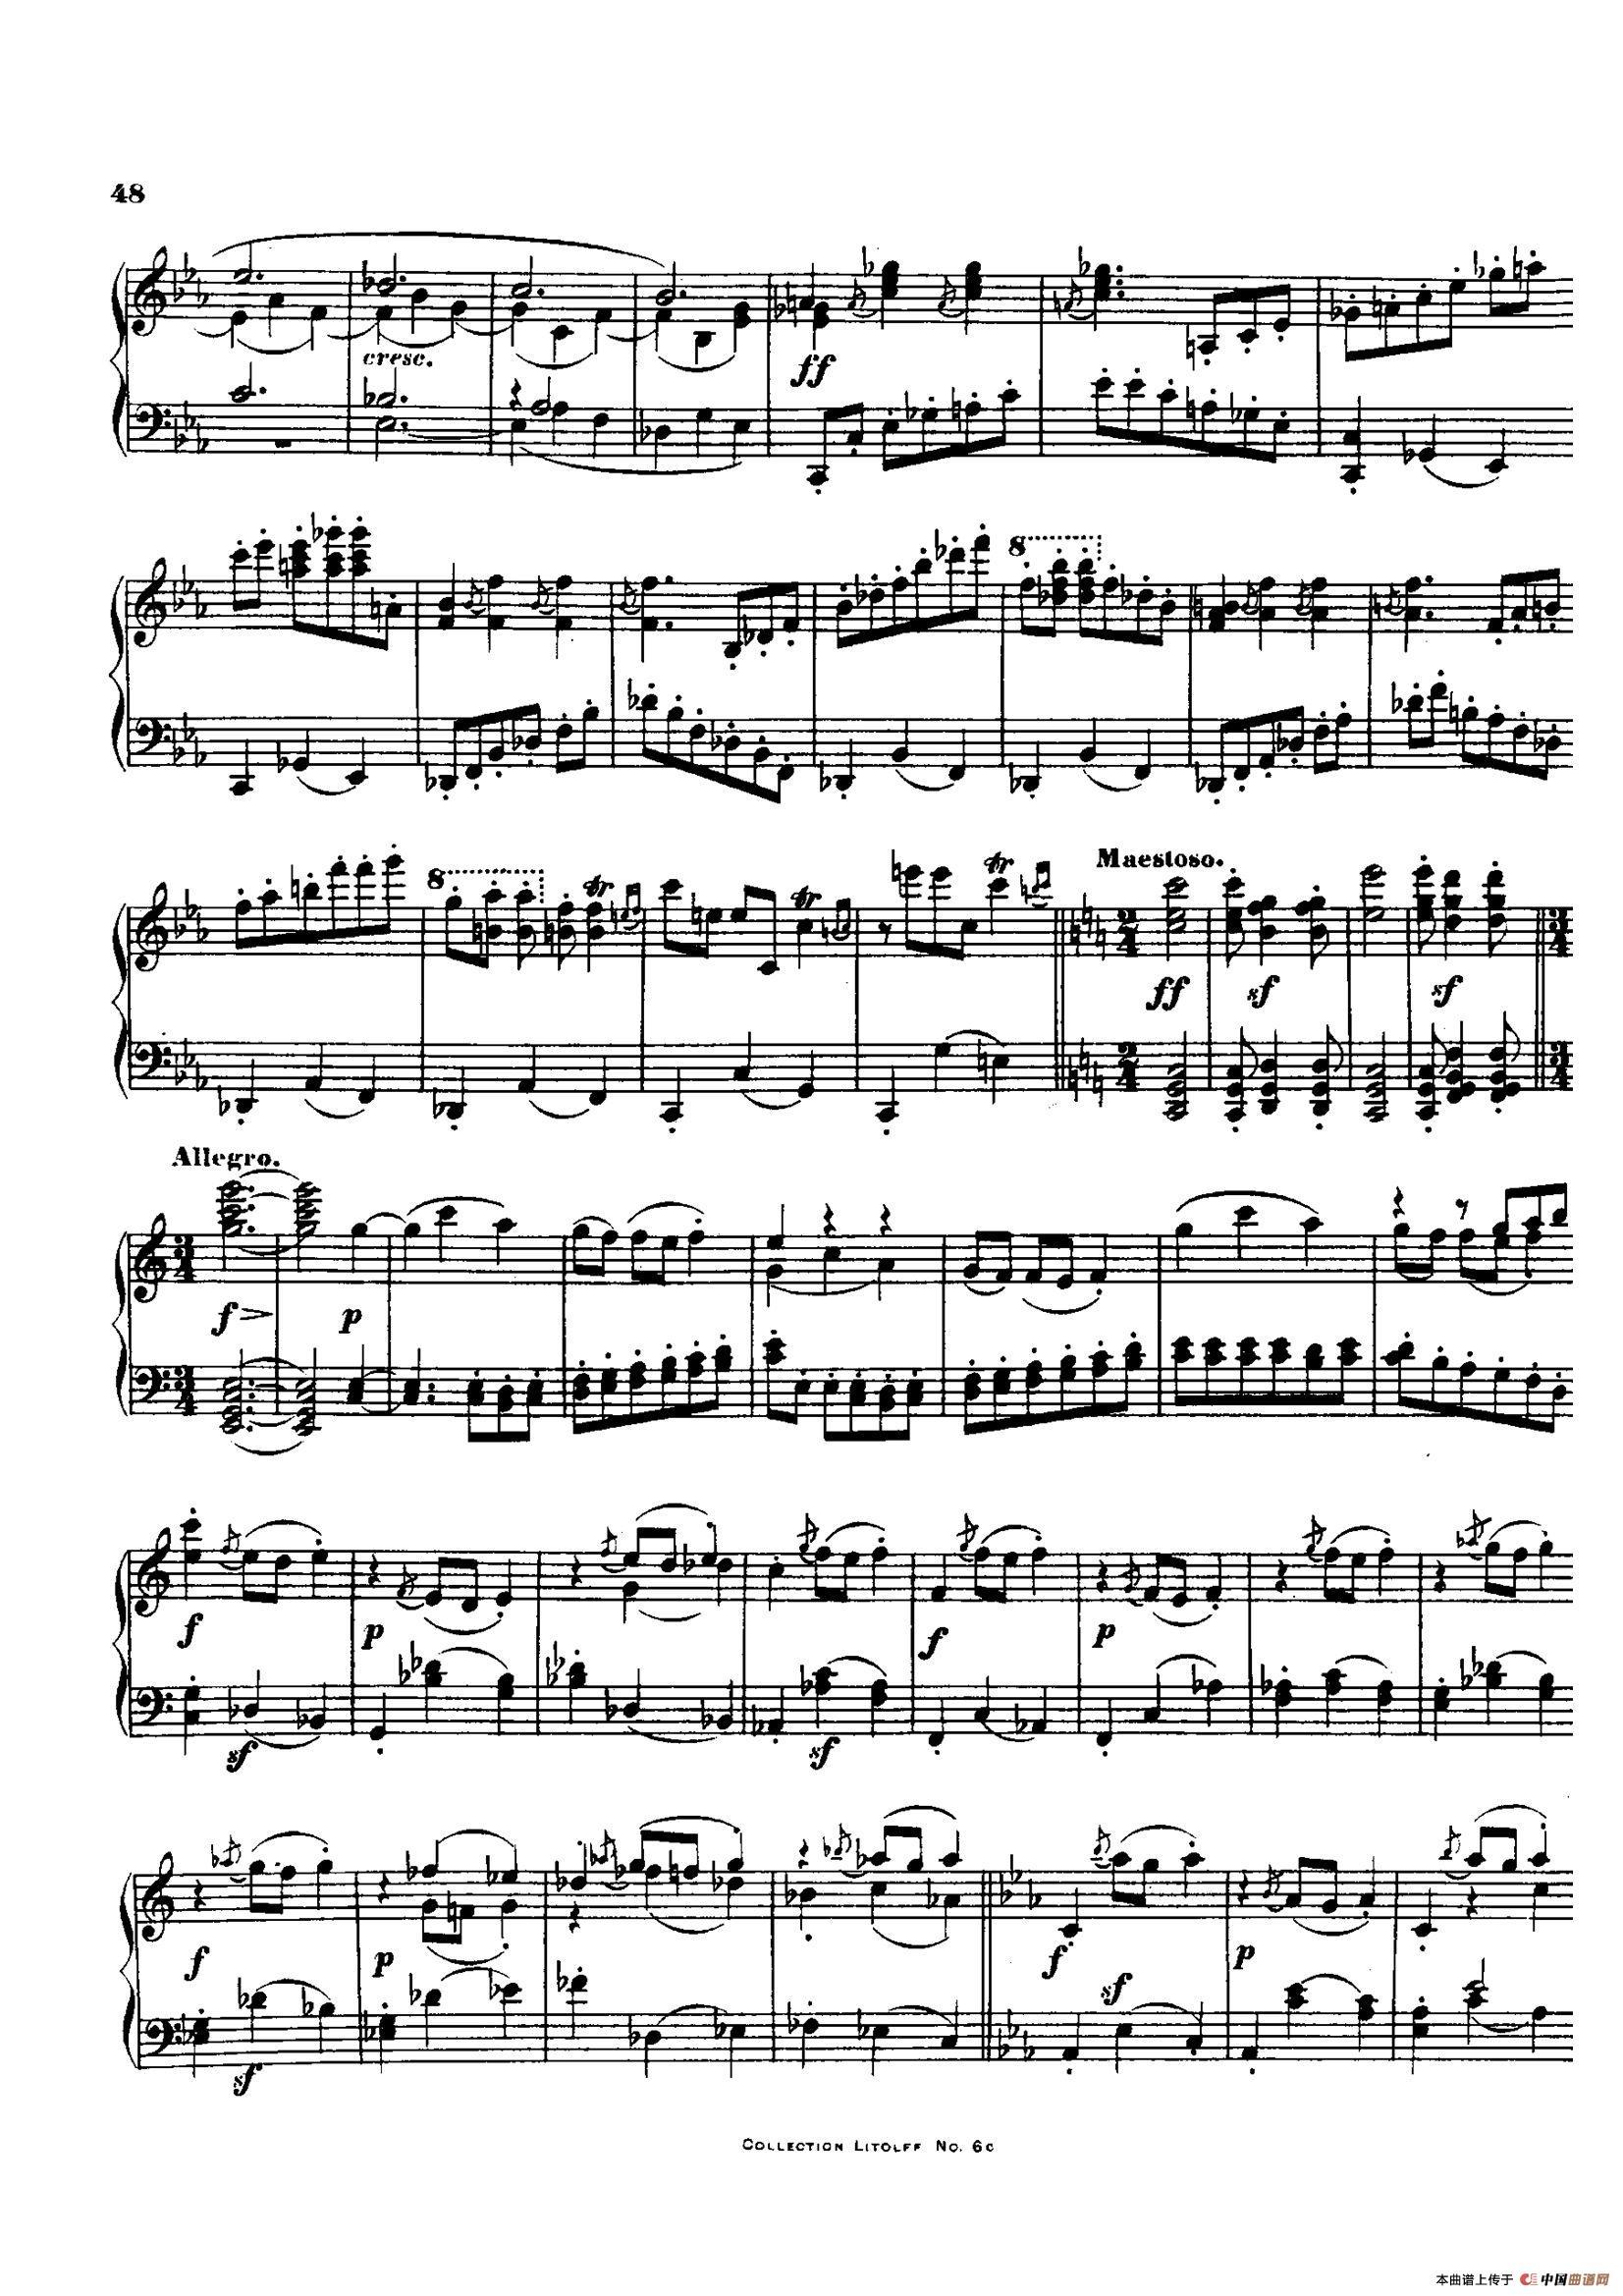 降E大调第十二弦乐四重奏(钢琴独奏版)(1)_原文件名:003.jpg